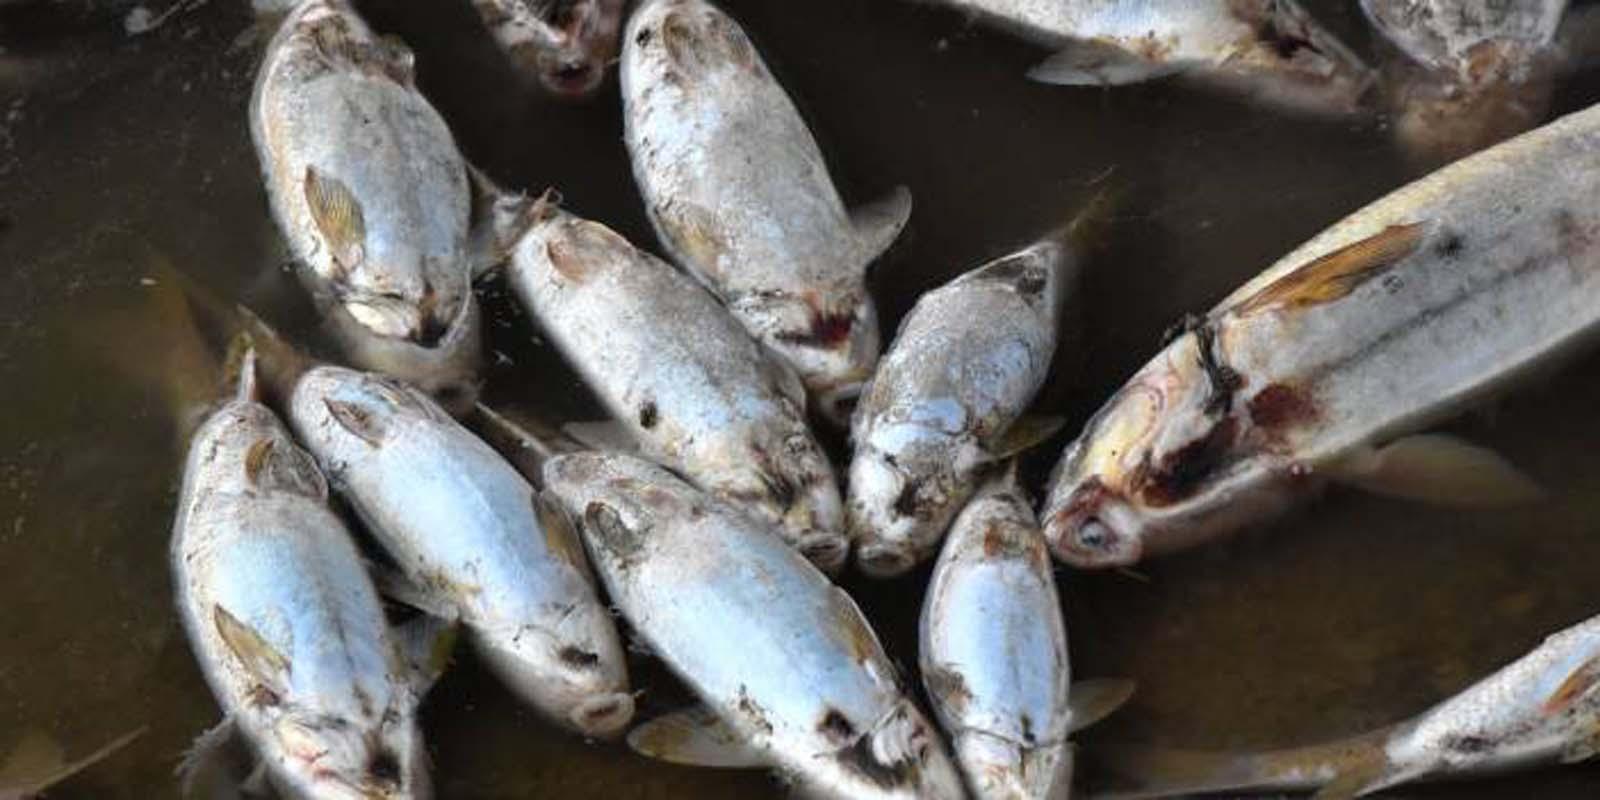 Alibeyköy Barajı'nda korkutan görüntüler! Ölü balıklar kıyıya vurdu